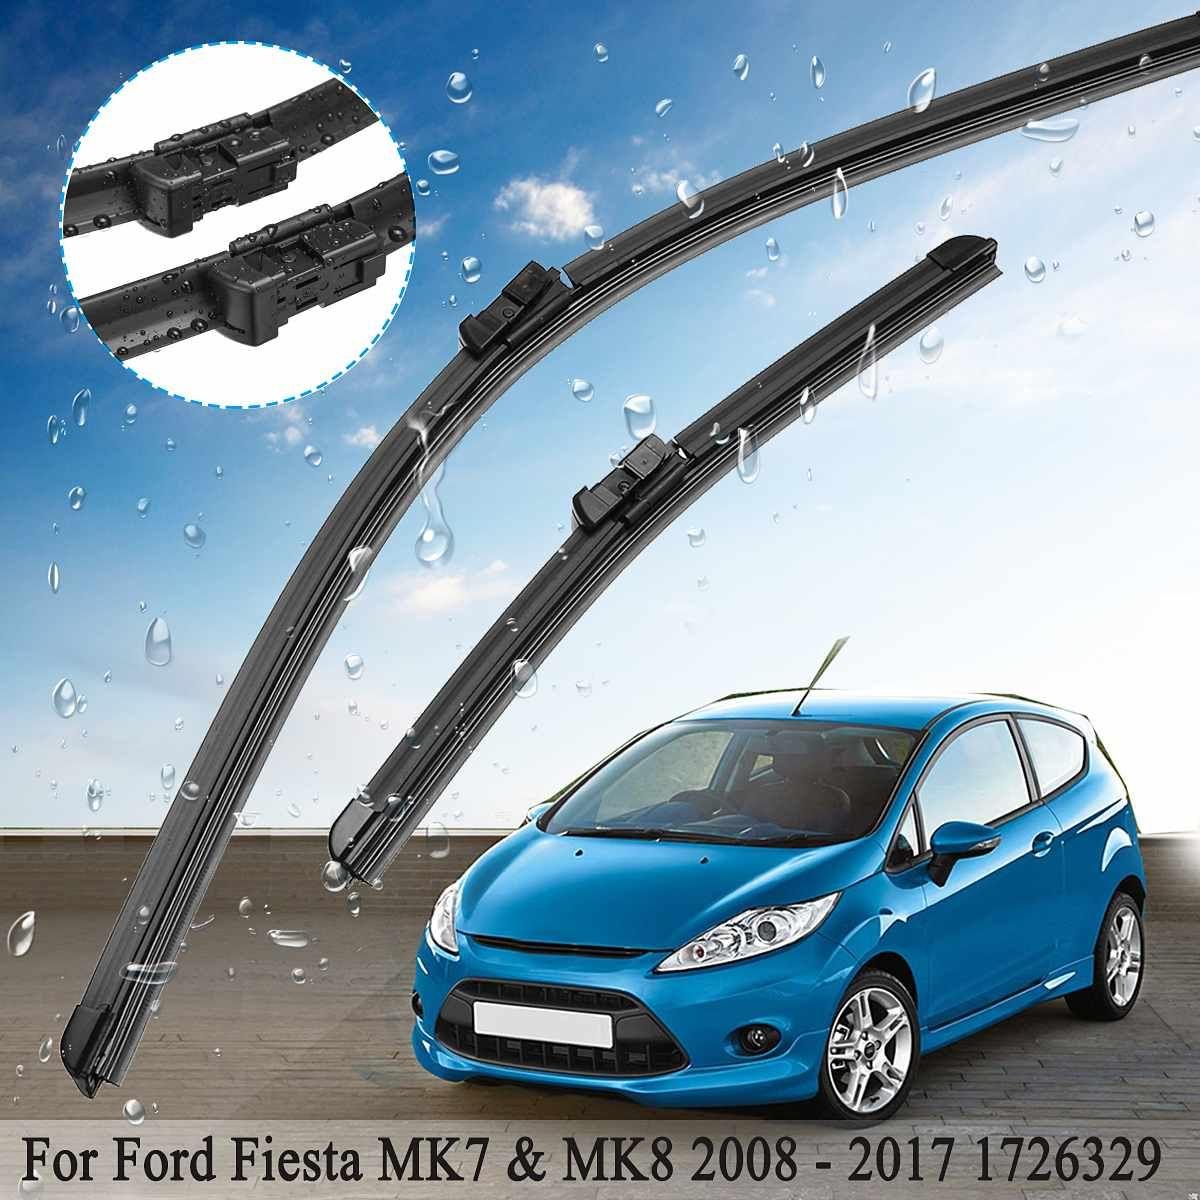 2 Pcs 25 zoll 14 zoll Auto Frontscheibe Fenster Wischer Blades Set 1726329 Für Ford für Fiesta MK7 & MK8 2008-2017